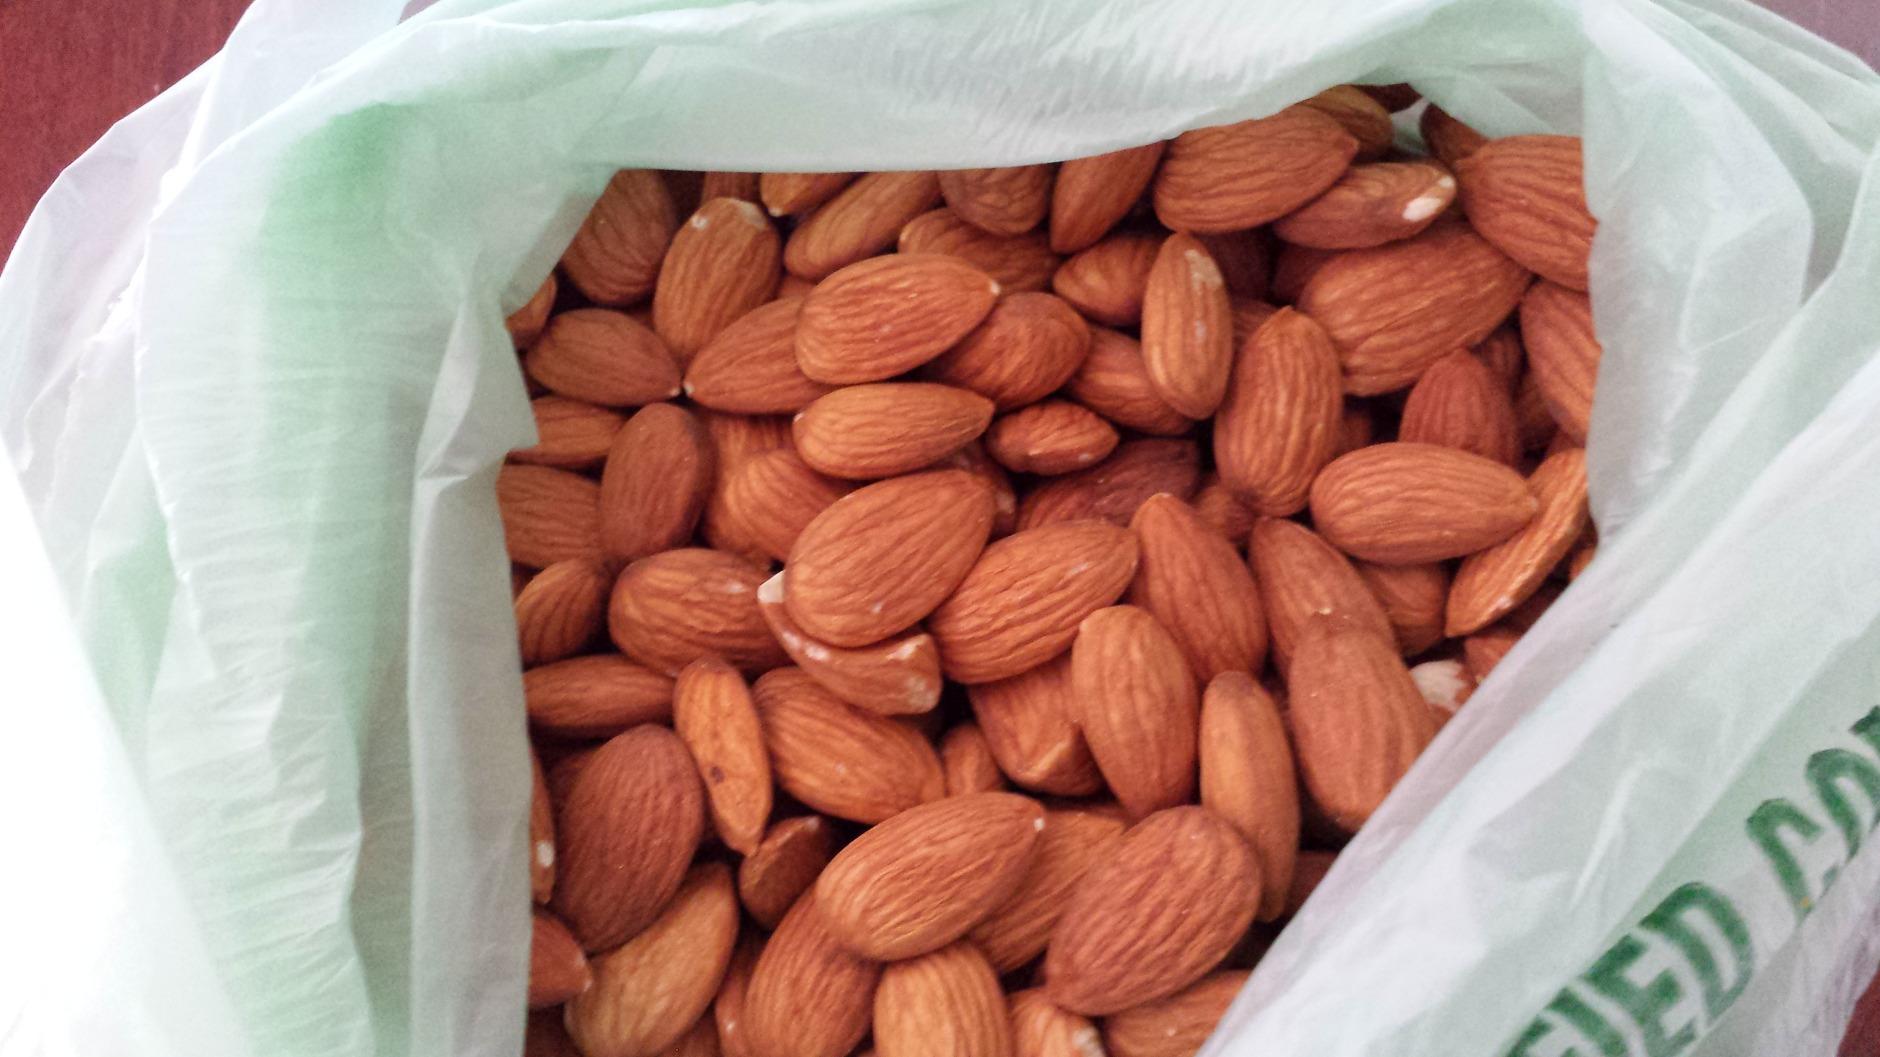 almonds cooler (WTOP/Colleen Kelleher)